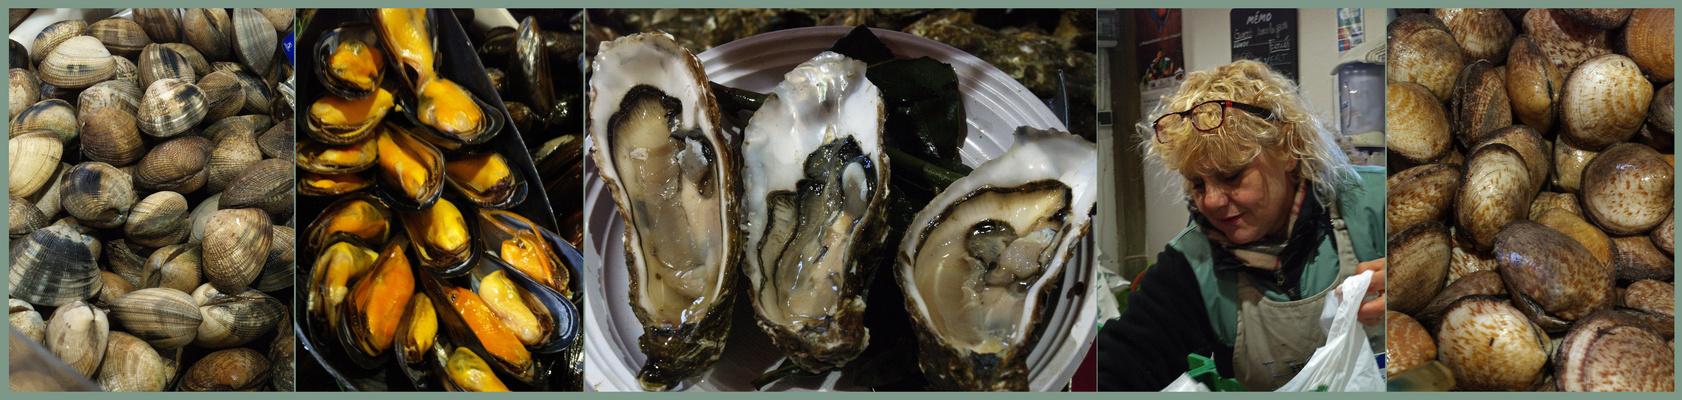 Banc d'huîtres et coquillages sur le marché de Ronce les Bains